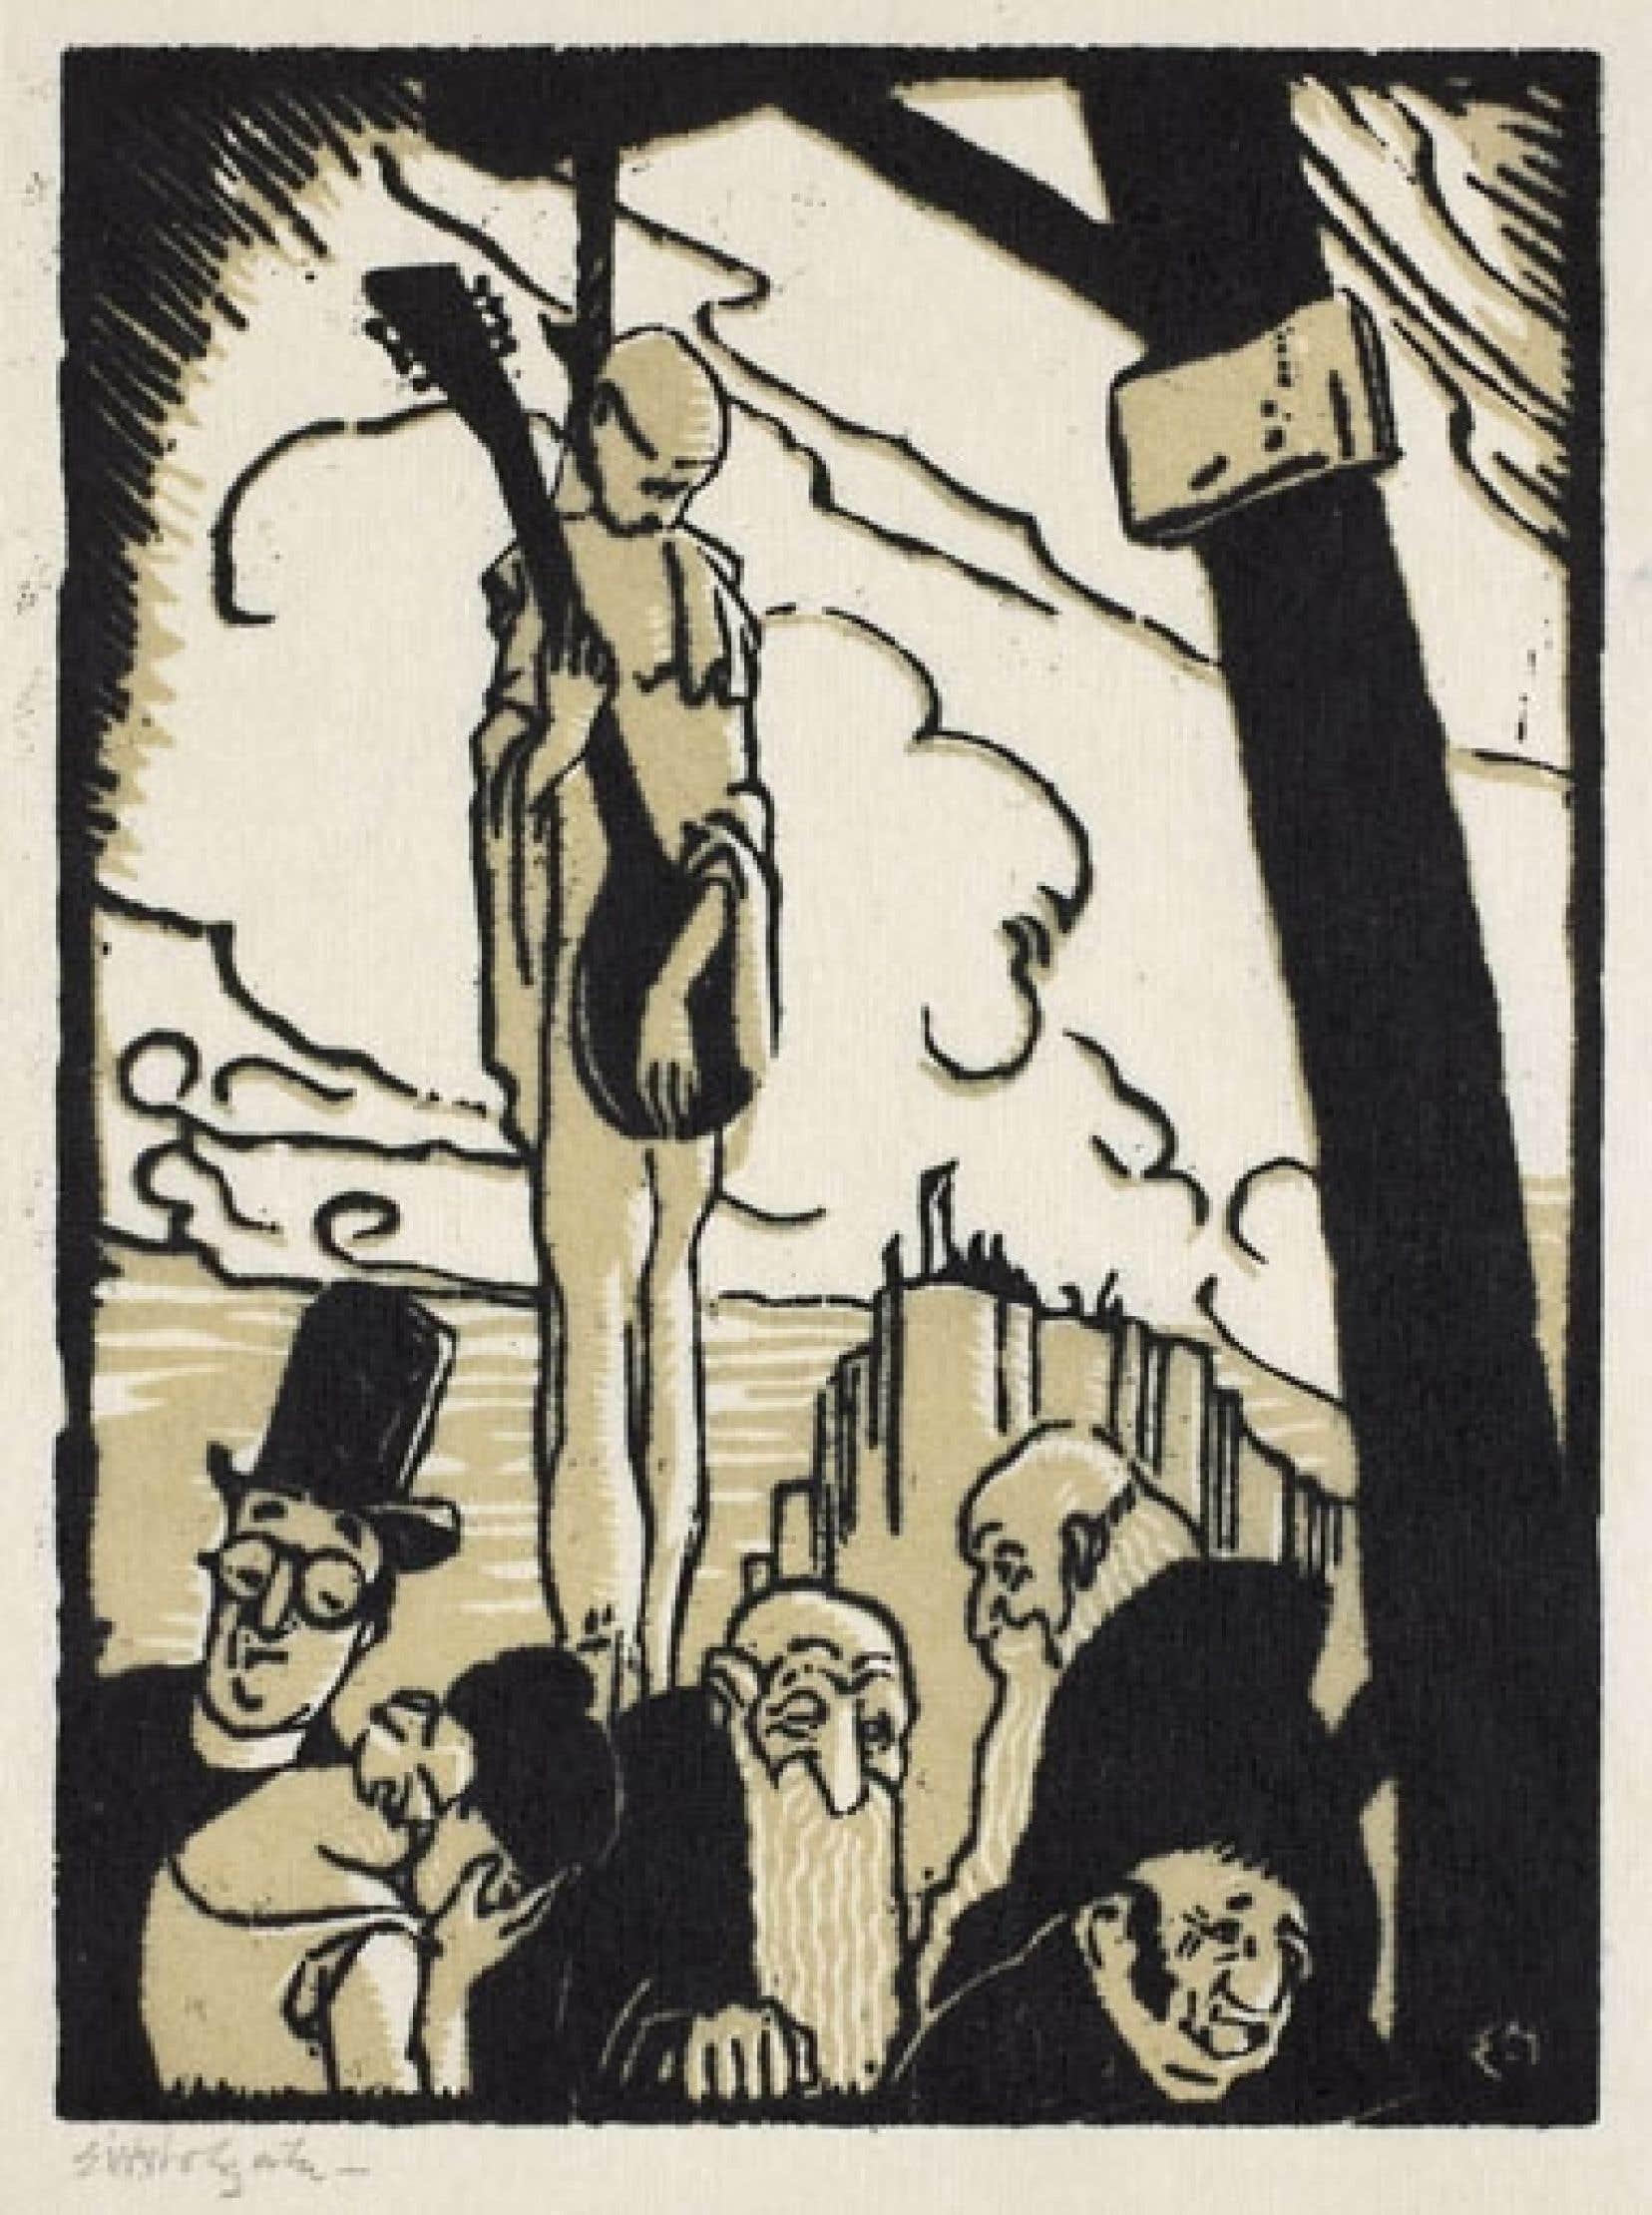 Des illustrations d'Edwin H. Holgate et d'Albert Fournier tirées de L'iconographie d'une littérature.